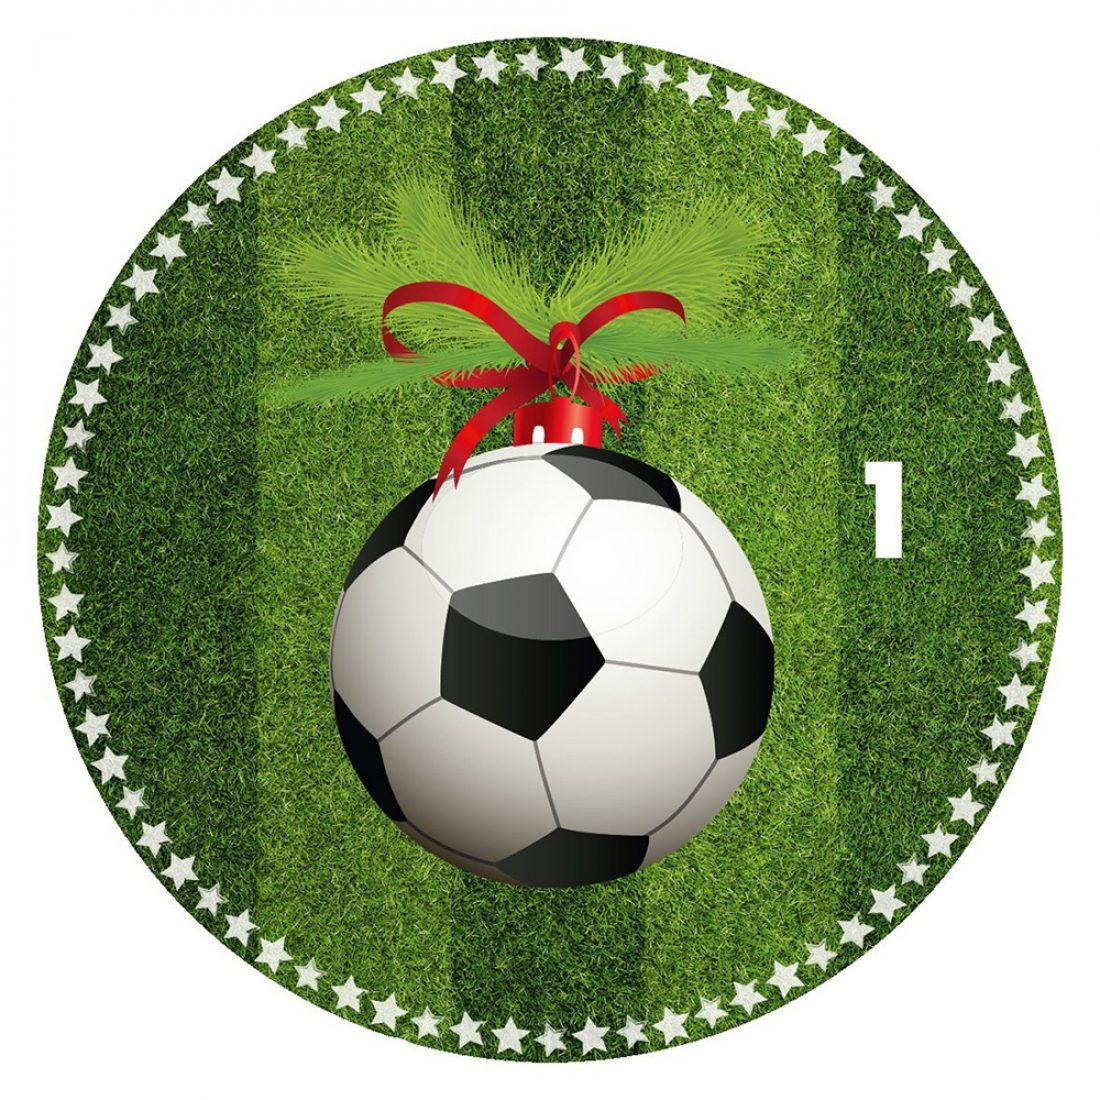 Fussball Adventskalender 11 Weihnachtsmanner Musst Ihr Sein